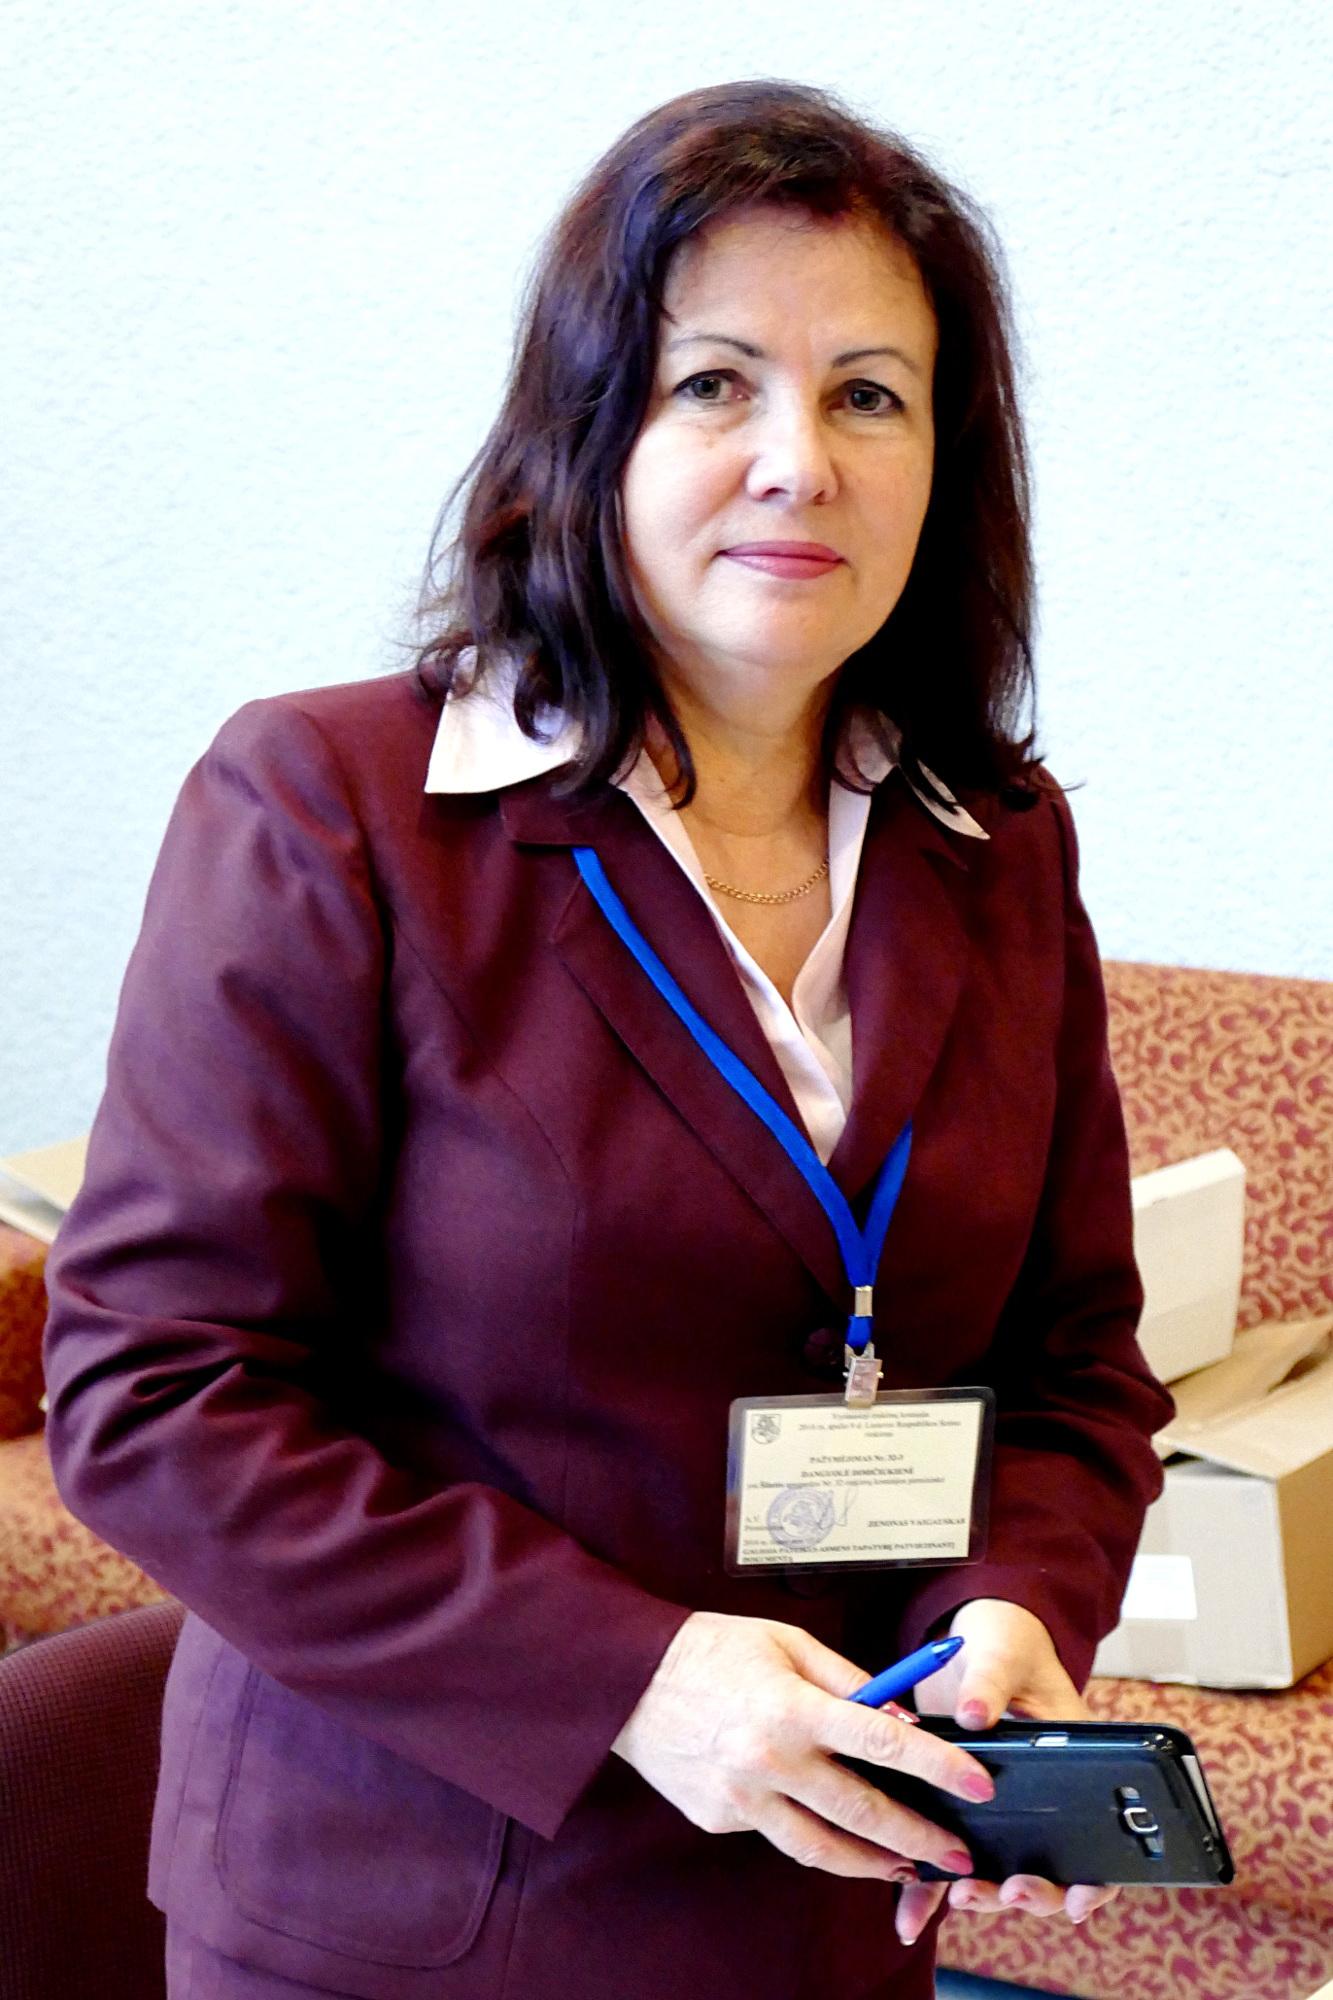 Šilutės rajono apygardos rinkimų komisijos pirmininkės Danguolės Dimičiukienės teigimu, nors rinkėjų skaičius sumažėjęs, jų aktyvumas išliko toks pat.